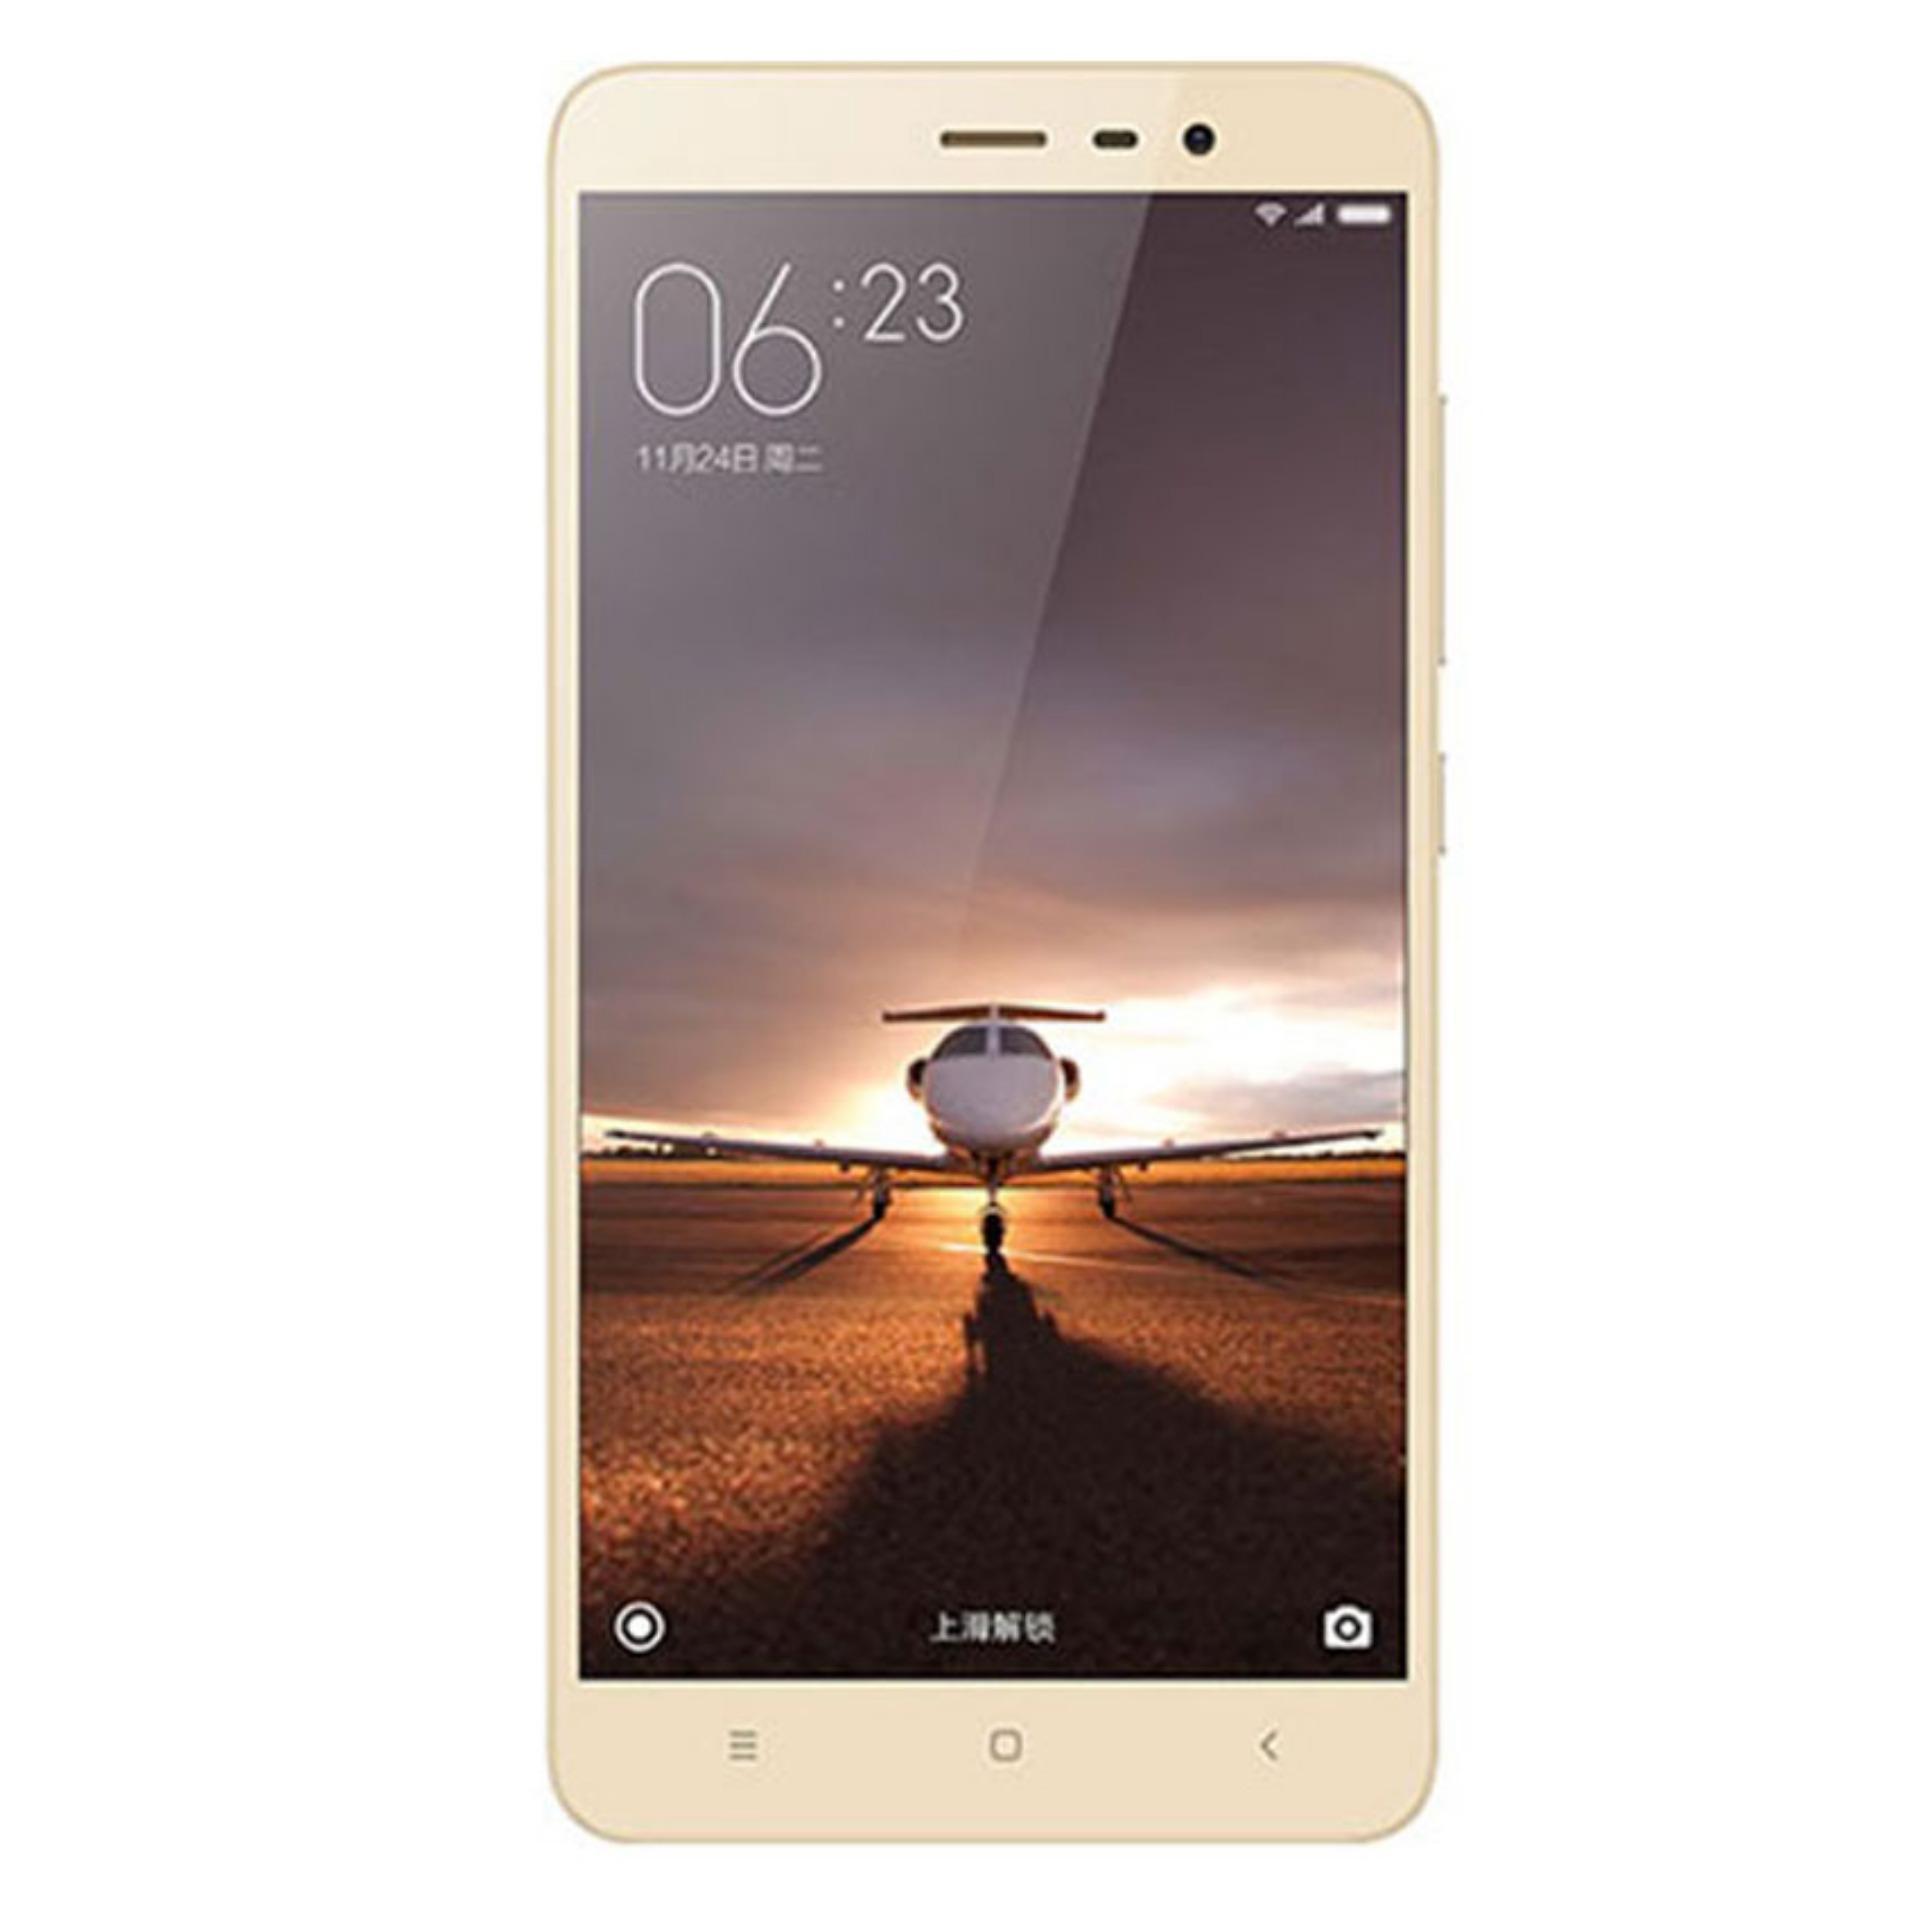 Hemat Xiaomi Redmi Note 5a Xiomi Mi 5 A Ram 2 16gb Garansi Resmi 4x Original 3gb Rom 32gb 1 Tahun 3 Pro Gold